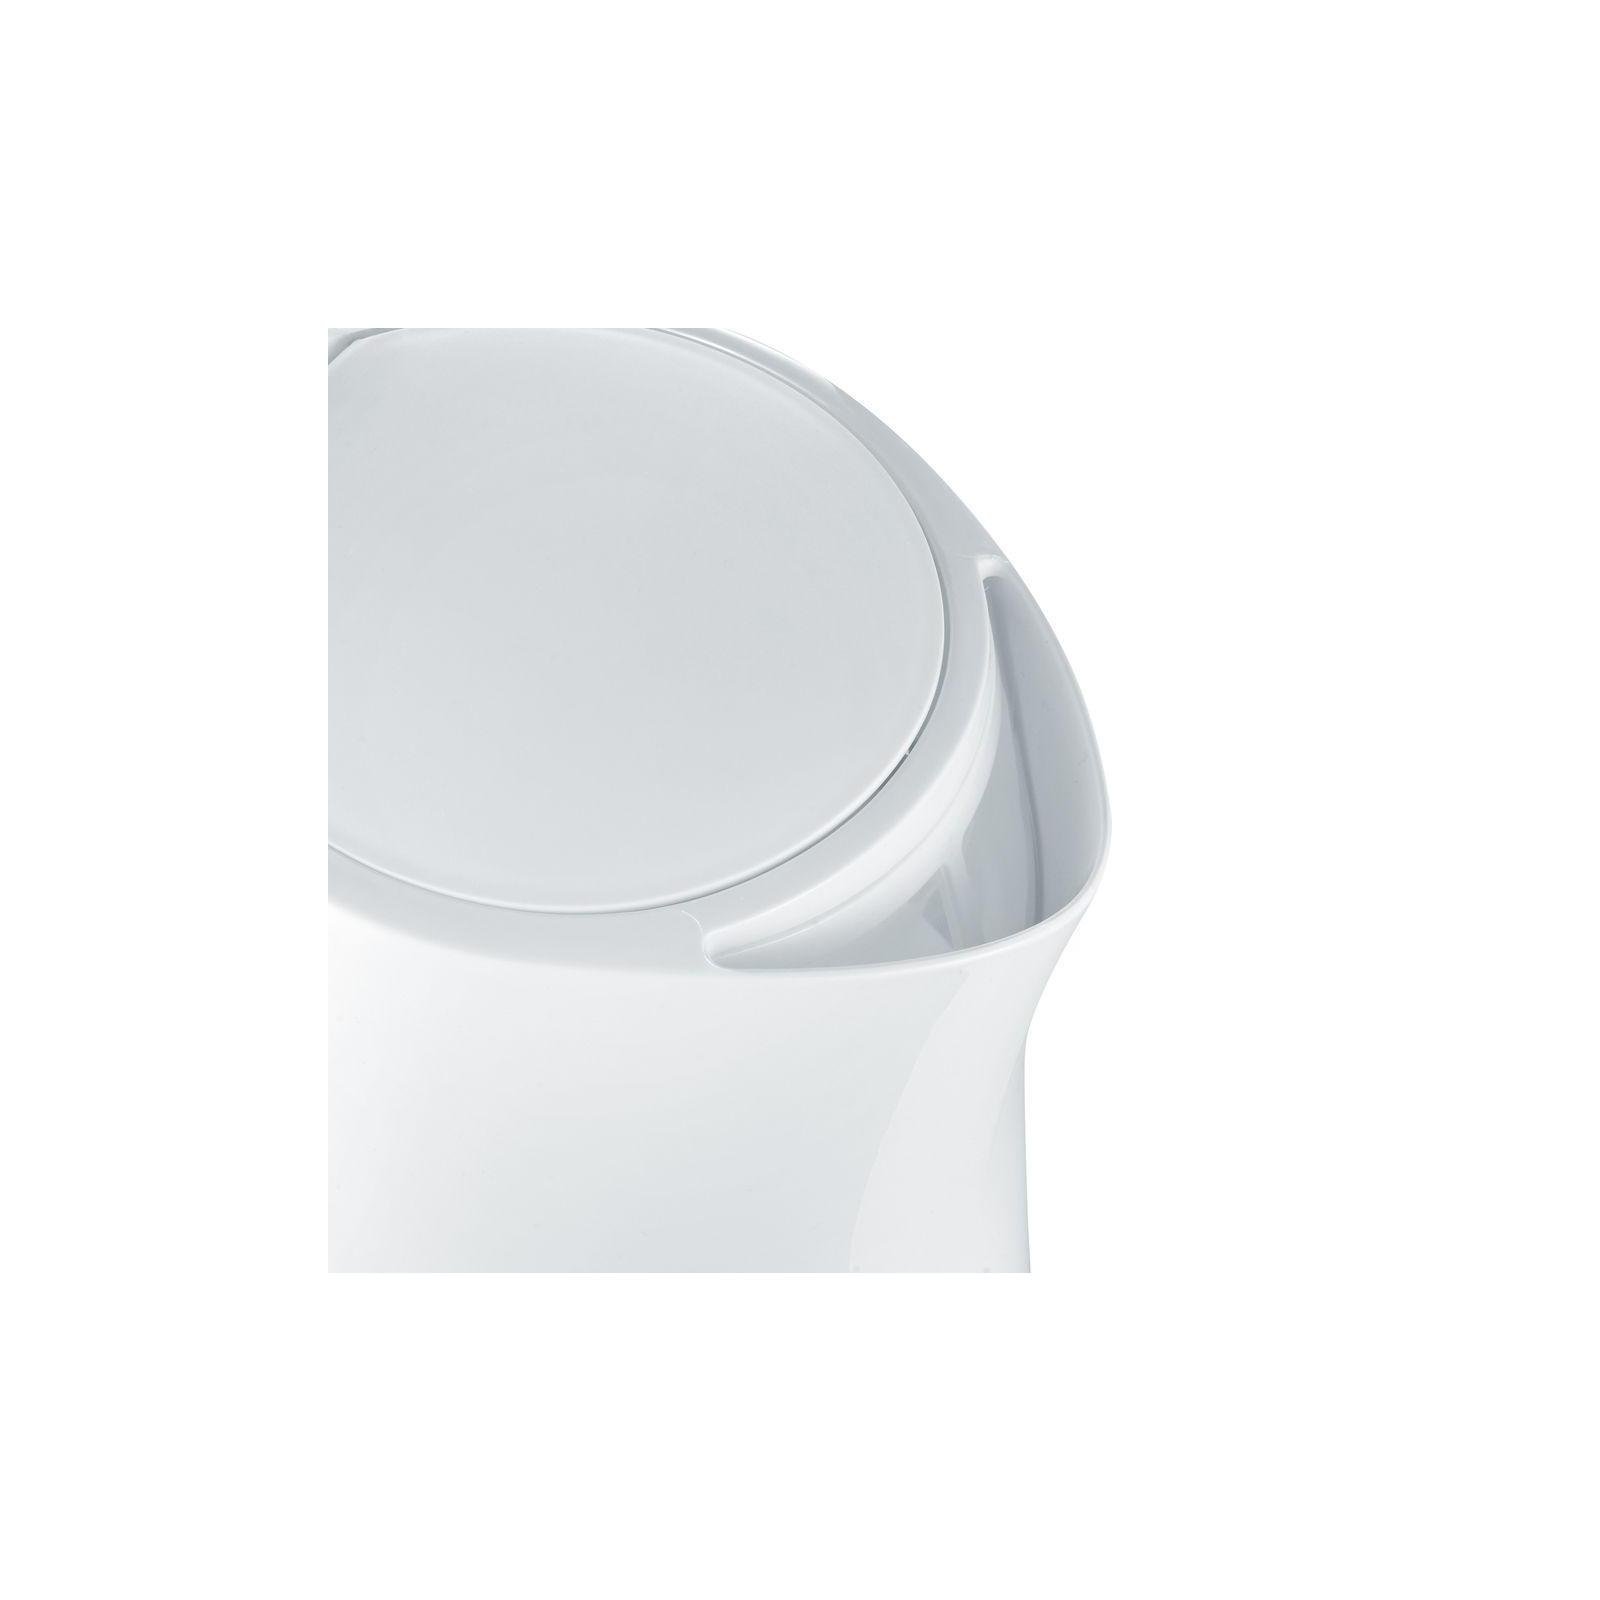 Электрочайник SEVERIN WK 3494 white изображение 4